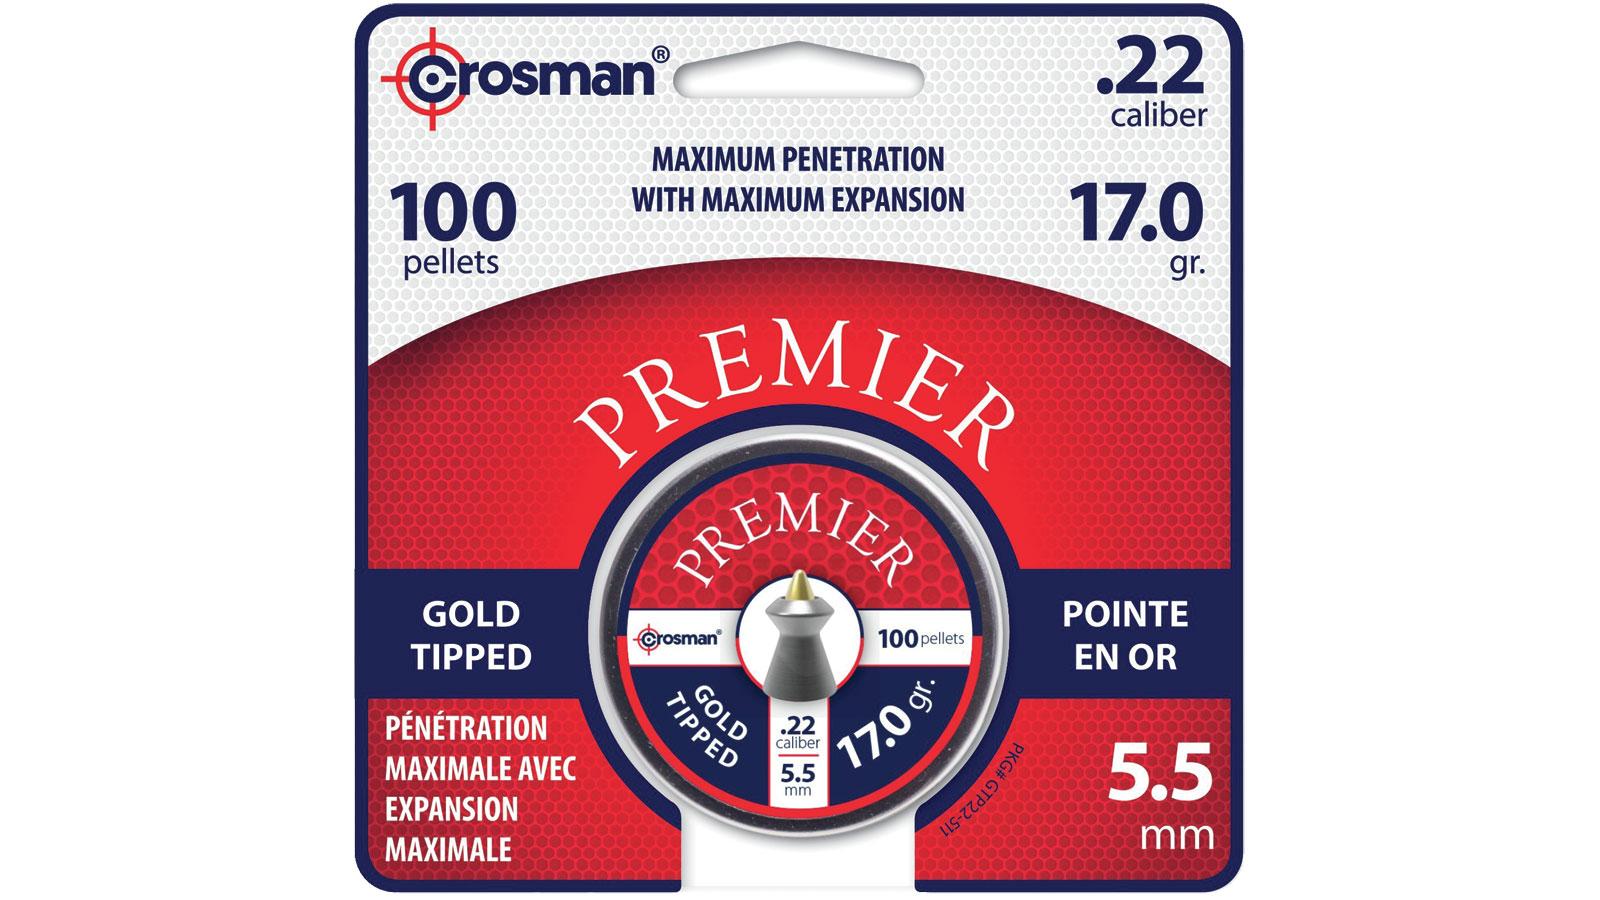 Crosman PREMIER GOLD TIP PELLET .22